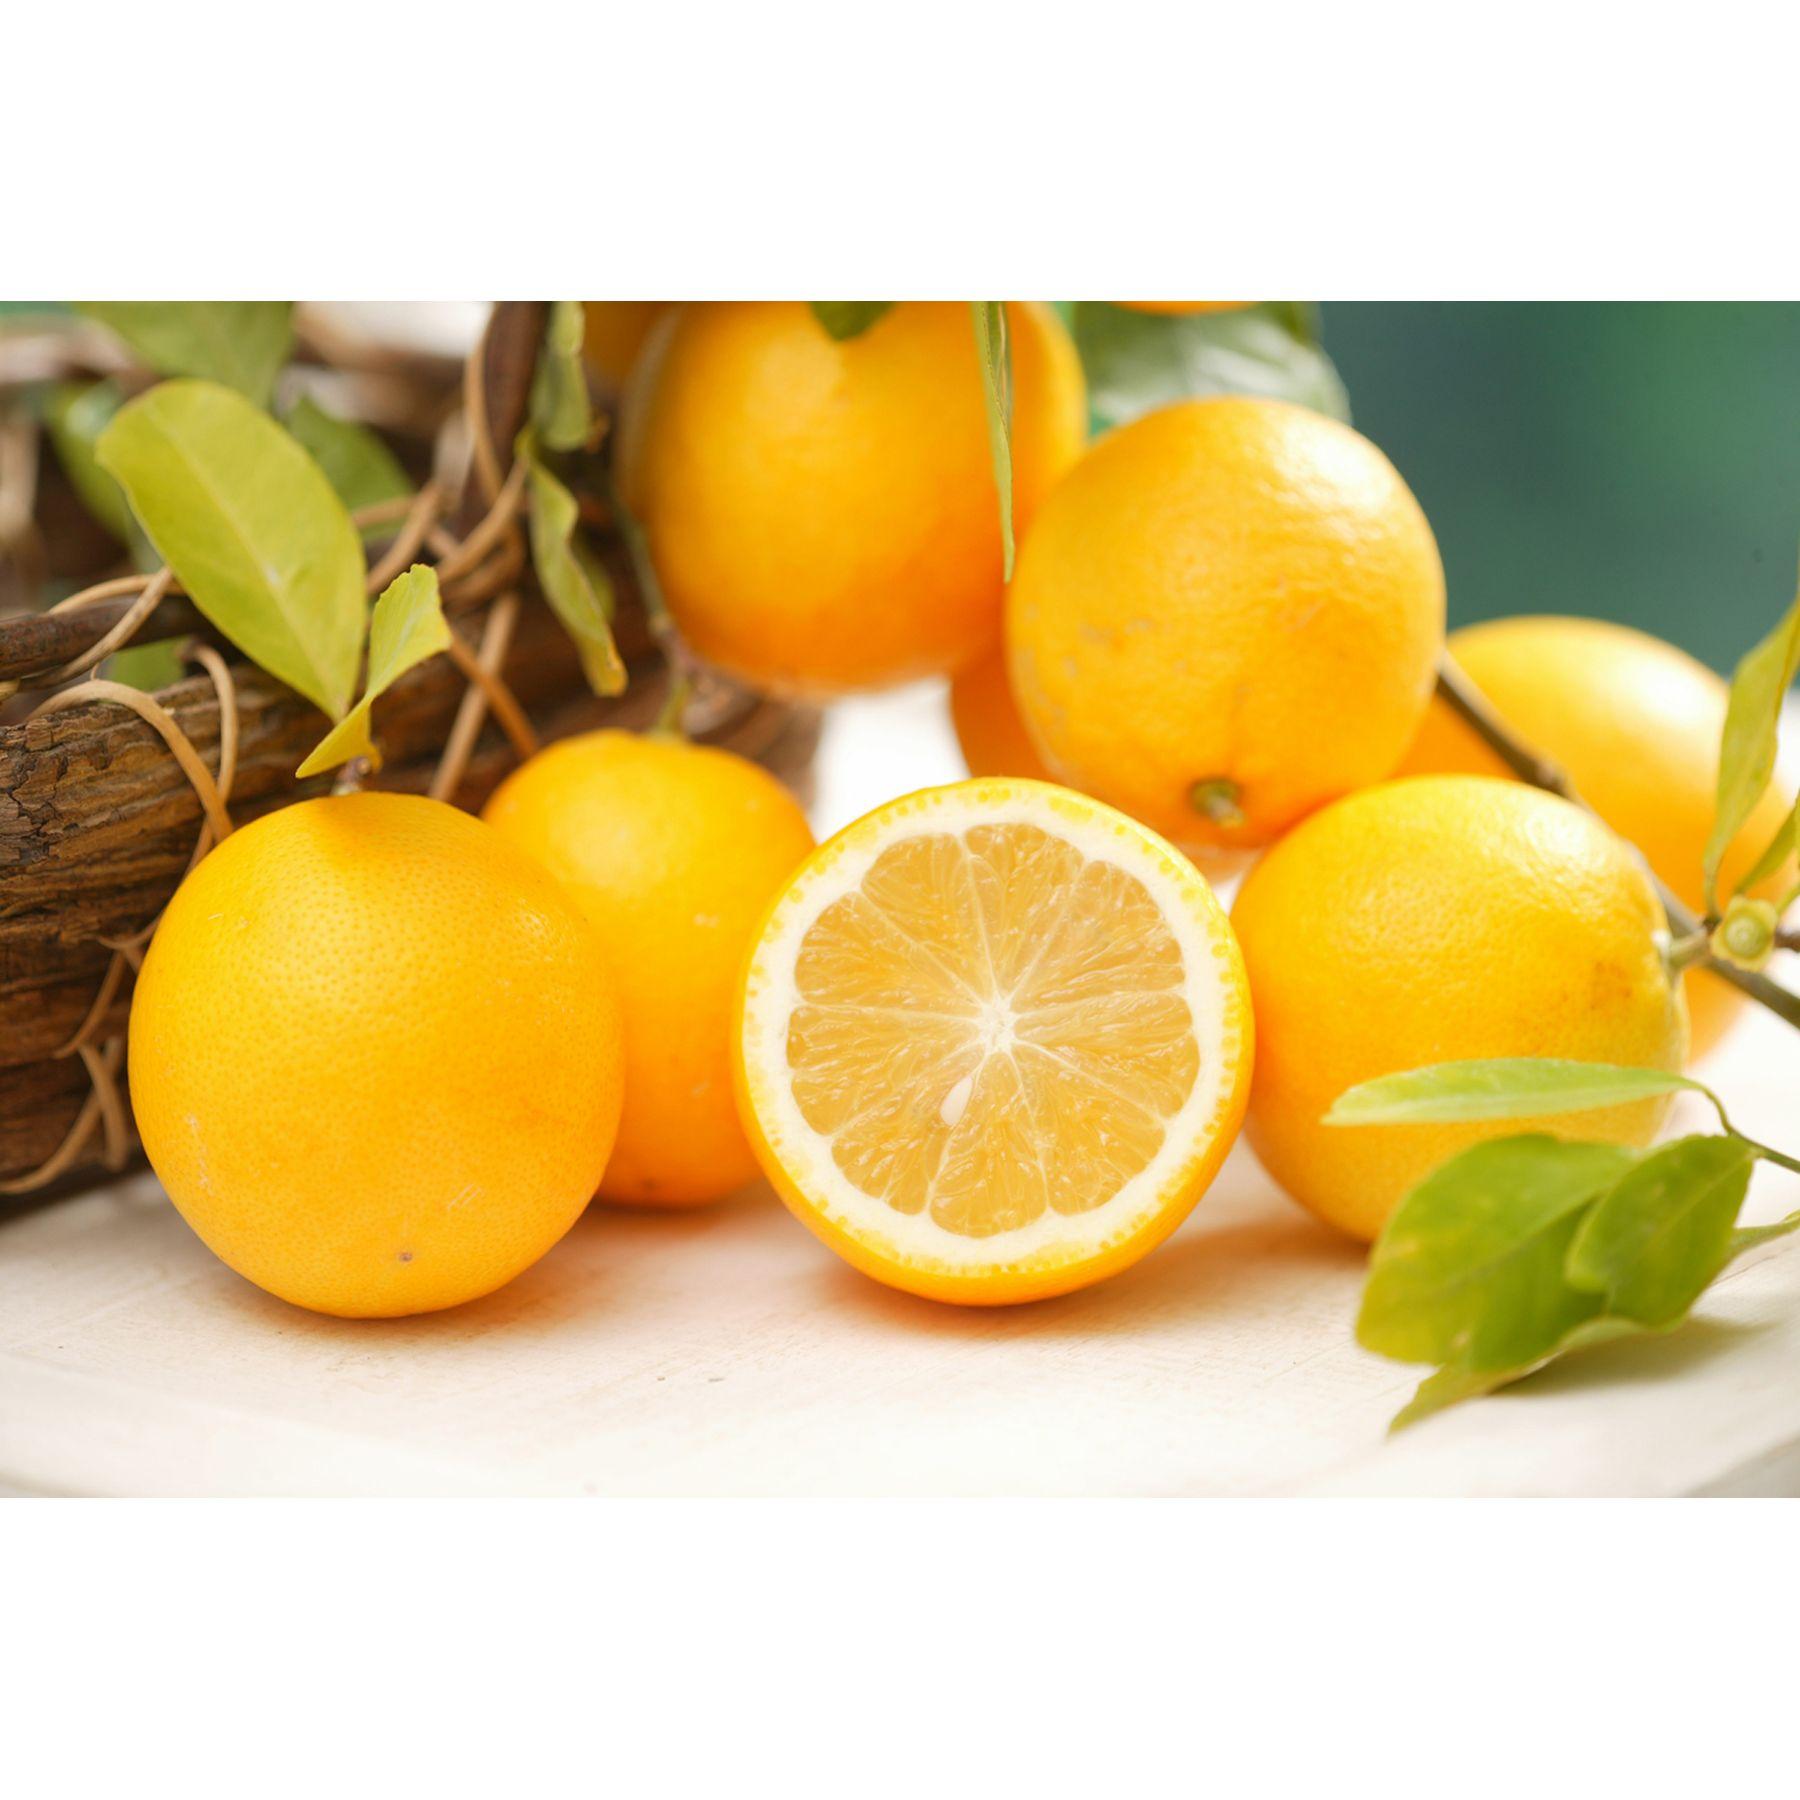 甘~いレモン!人気の果樹苗! レモン スイートレモネード 3号 苗2株 - 2